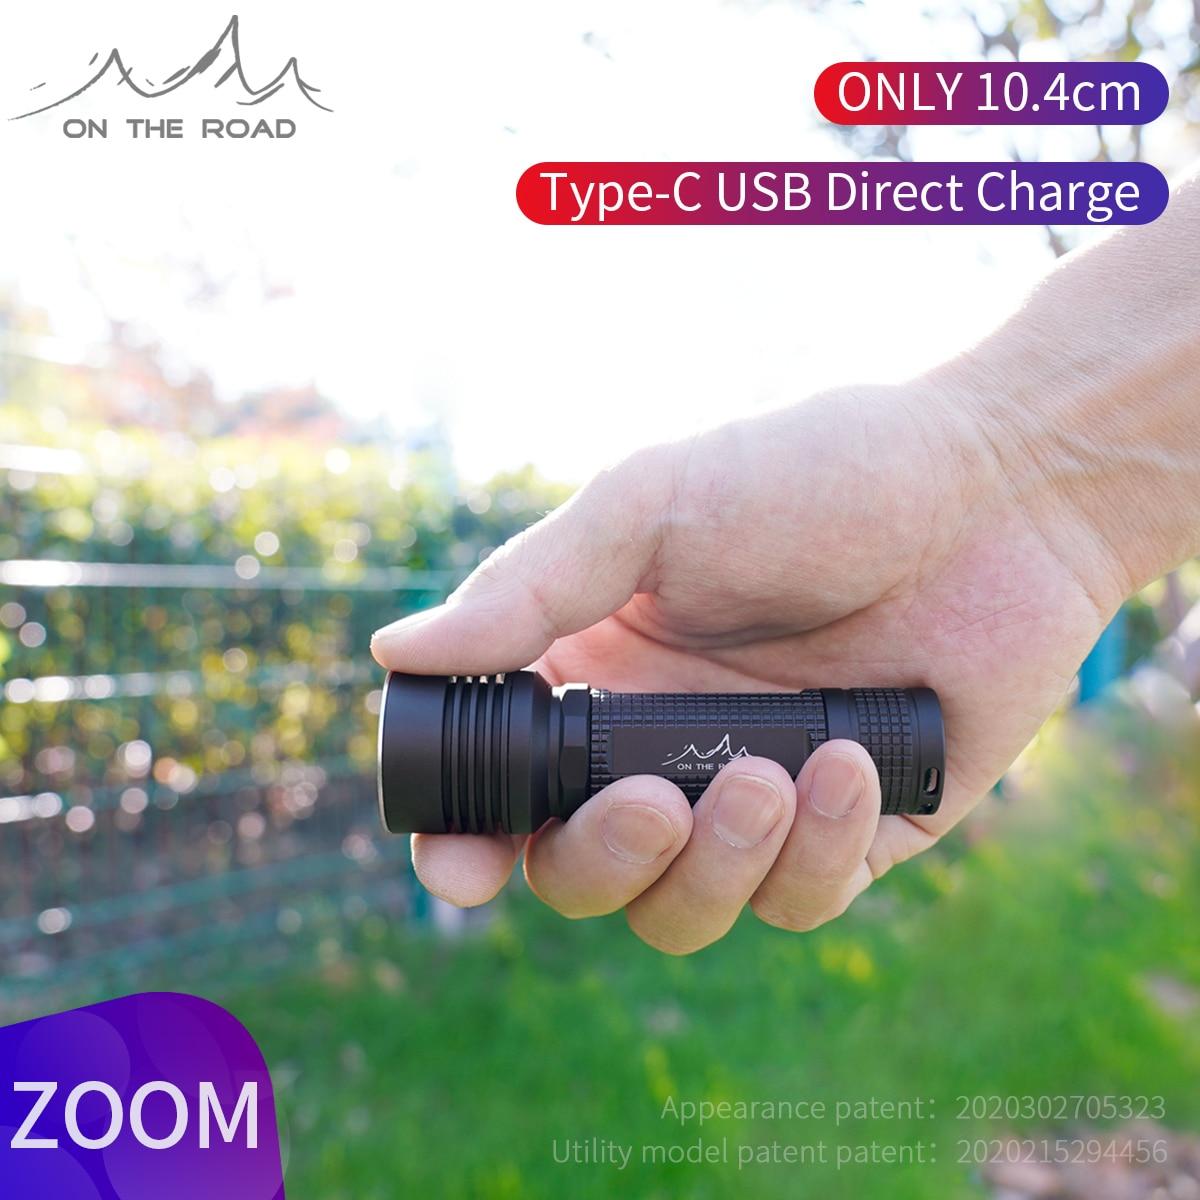 على الطريق i5 Type-C USB مصباح يدوي إضاءة فلاش للتقريب مصباح يدوي صغير التركيز Torchlight 18650 قابلة للشحن مصباح ليد جيب